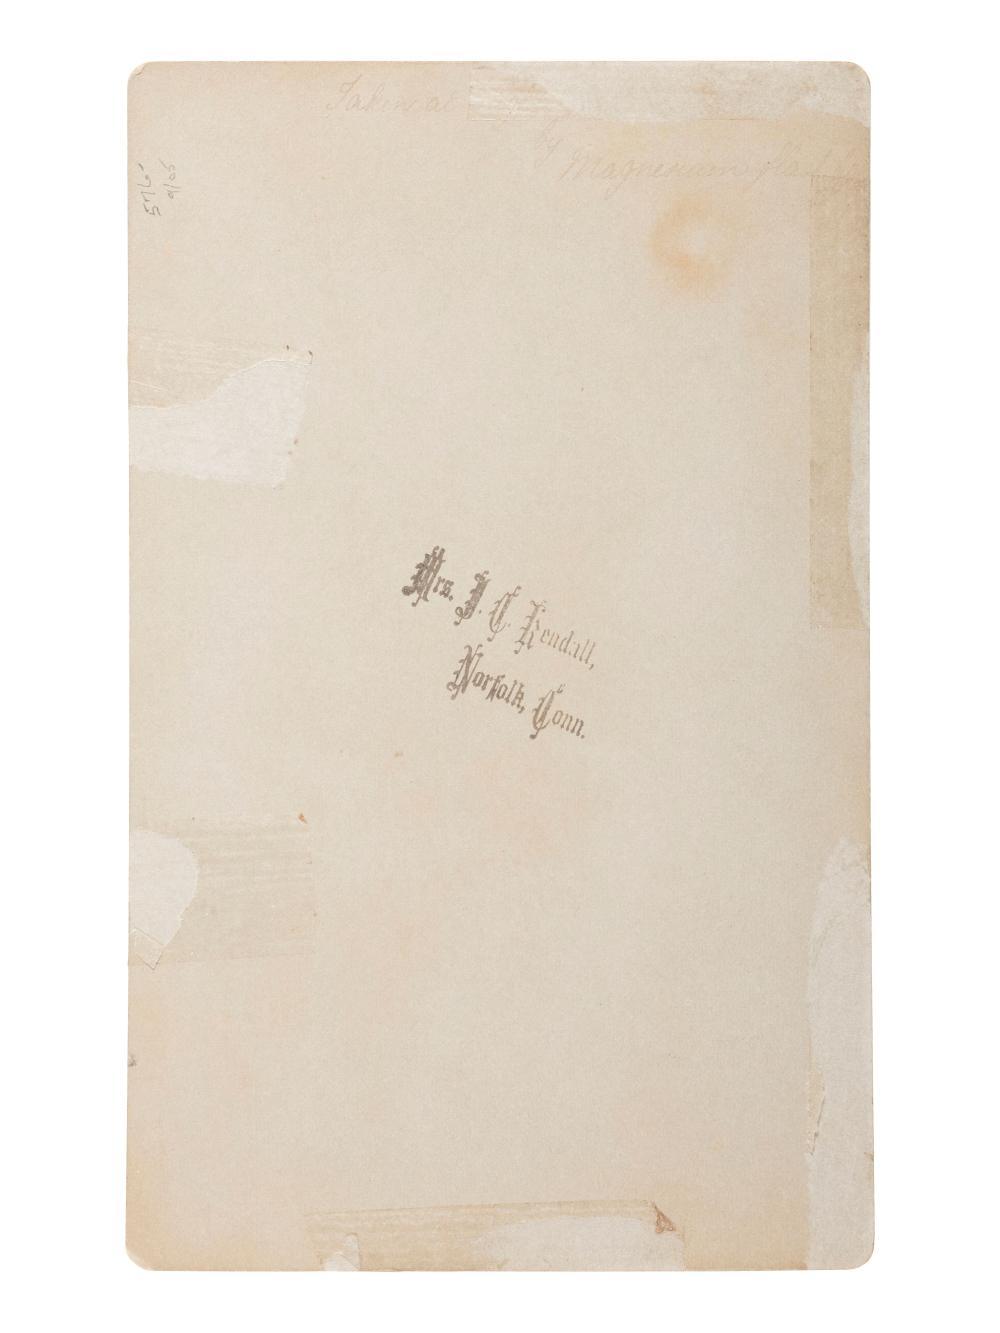 [HARRISON, Benjamin]. Two large format albumen photographs showing Benjamin Harrison campaign lanterns.